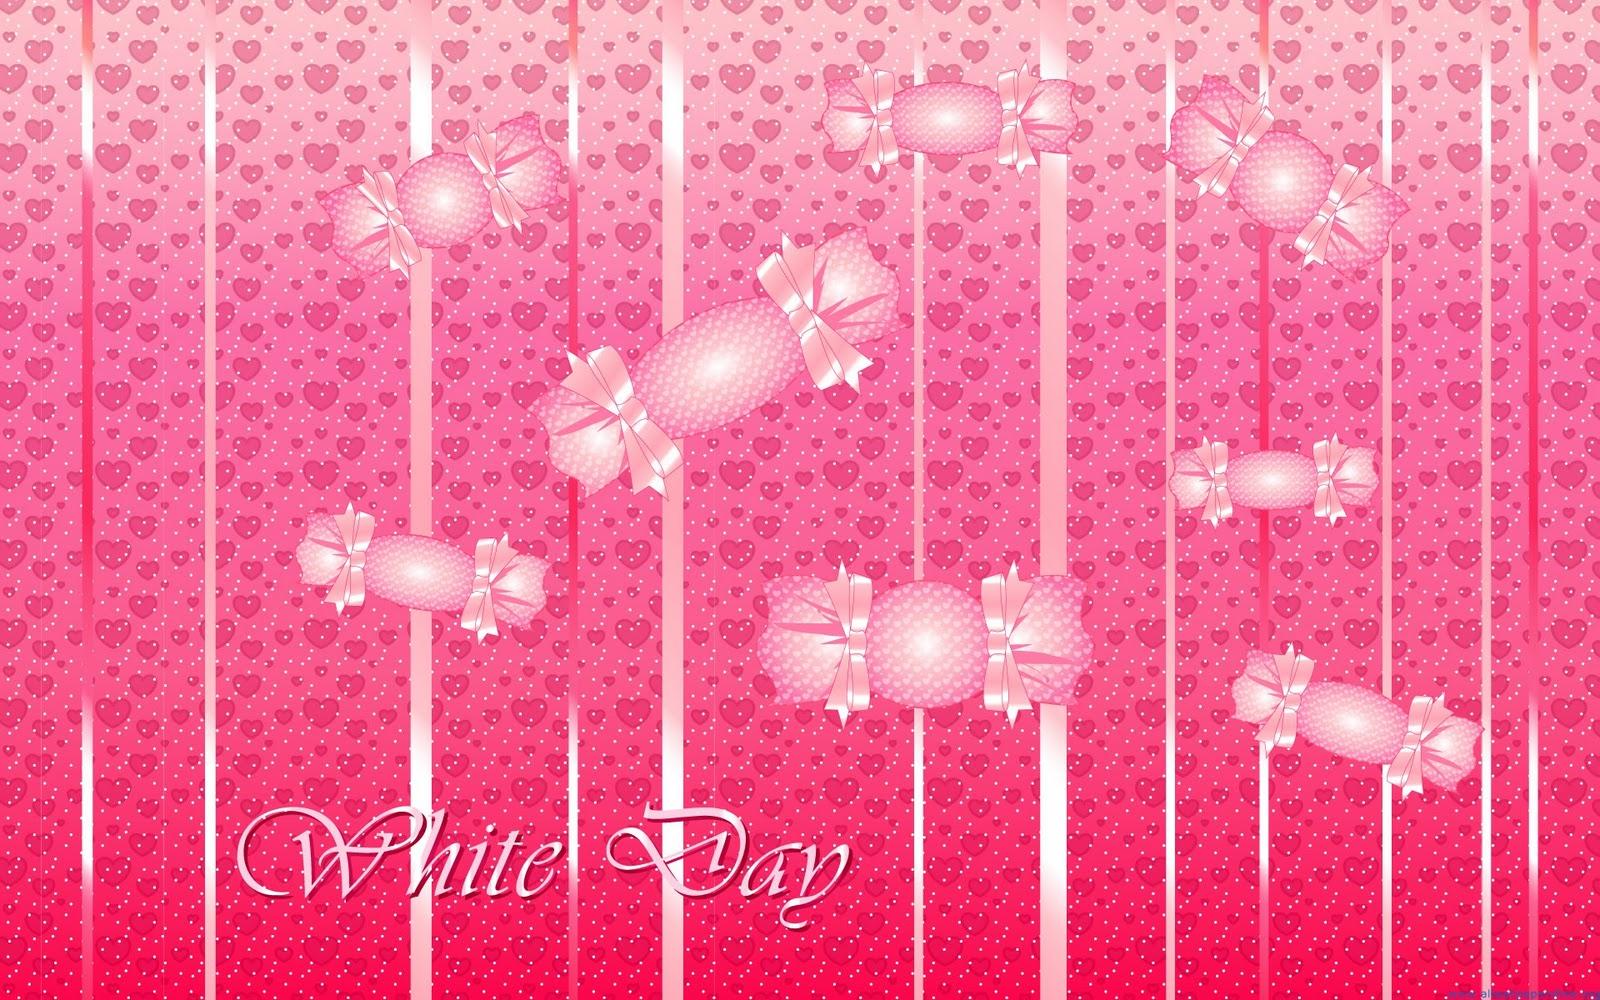 http://2.bp.blogspot.com/-eZtTjX61xBM/Tyo-OGuSIQI/AAAAAAAAB1M/E9tn95K6q_k/s1600/Beautiful+Valentine%2527s+Day+HD+Widescreen+Wallpapers+%252860%2529.jpg